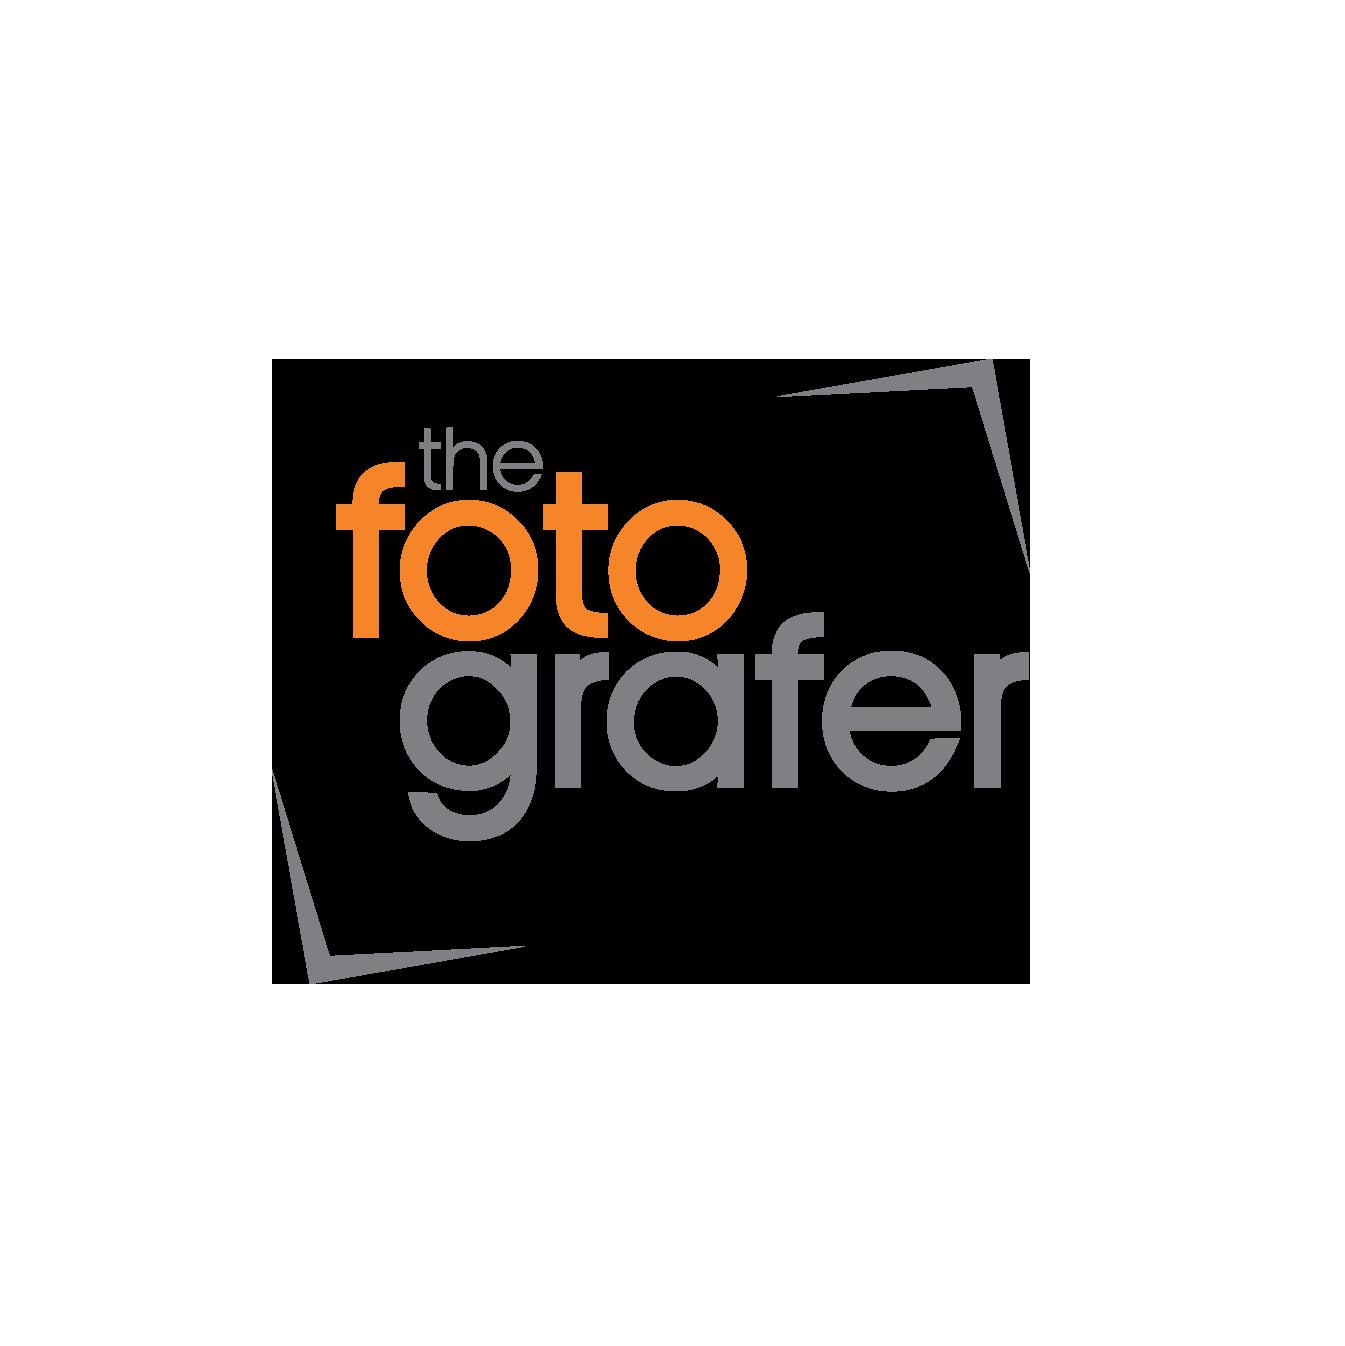 The Foto Grafer Ltd